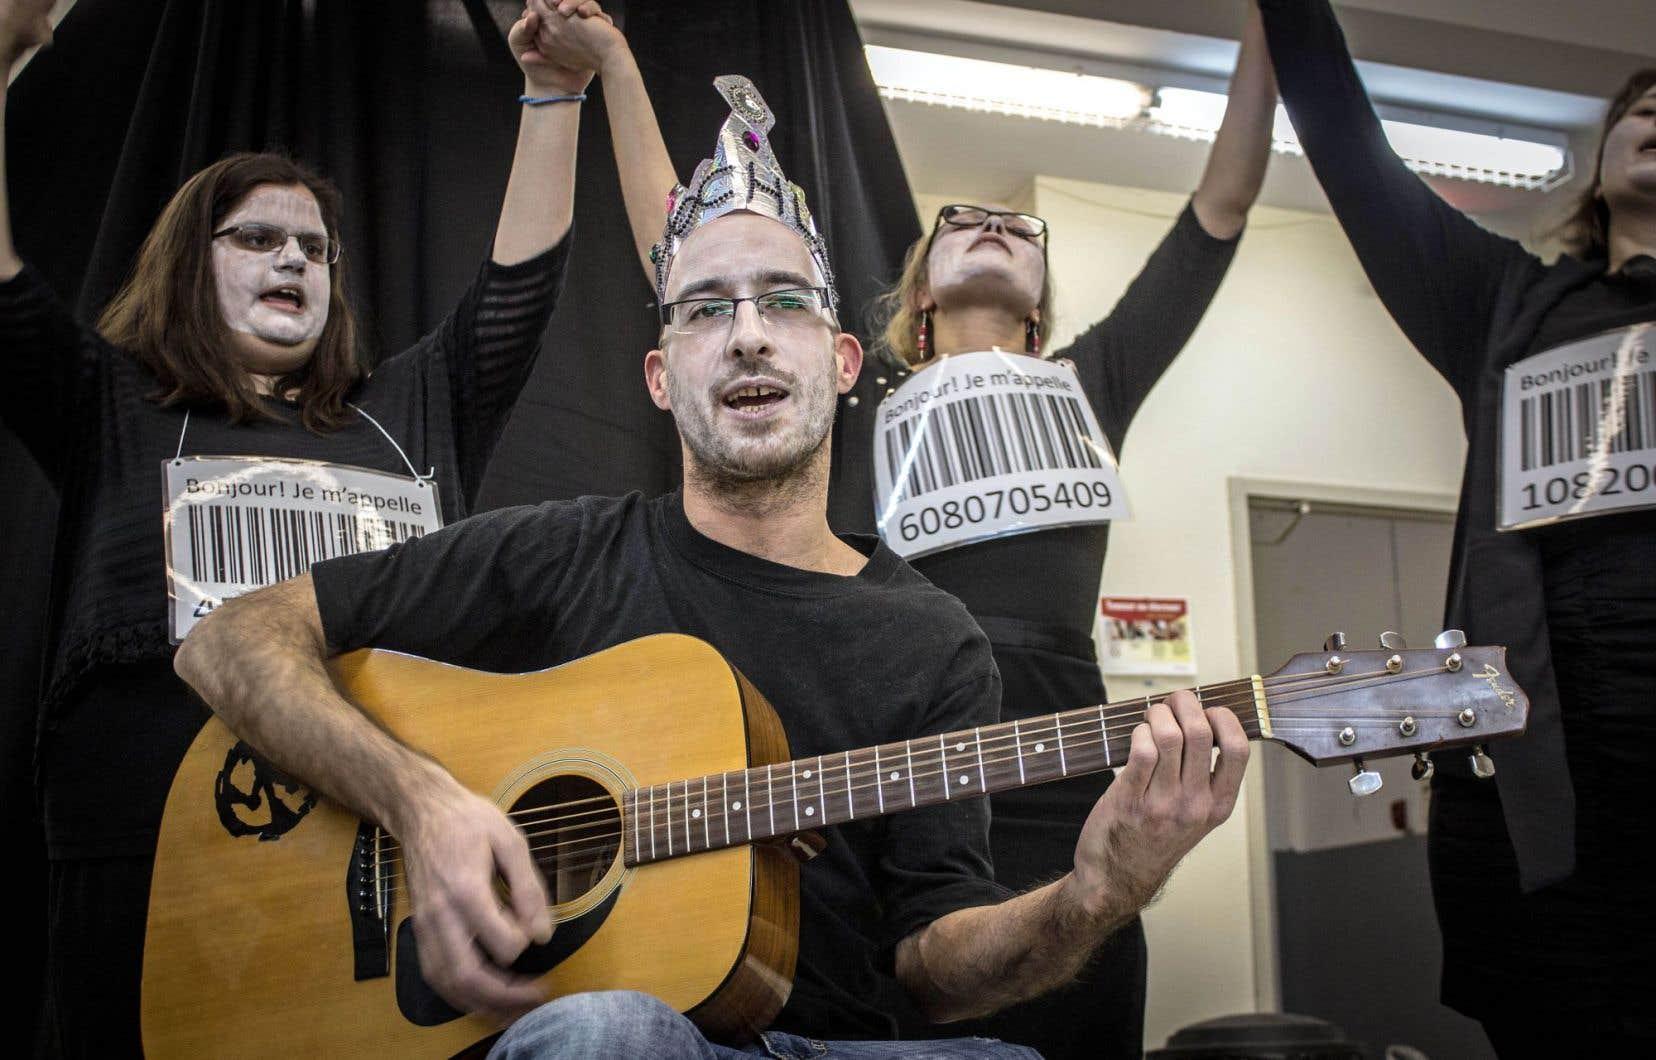 La troupe de théâtre de mouvement montréalais Parole d'exclues, Les idéaux parleurs, crée ensemble des pièces invitant à la réflexion sur les origines des préjugés, des inégalités et de la pauvreté.